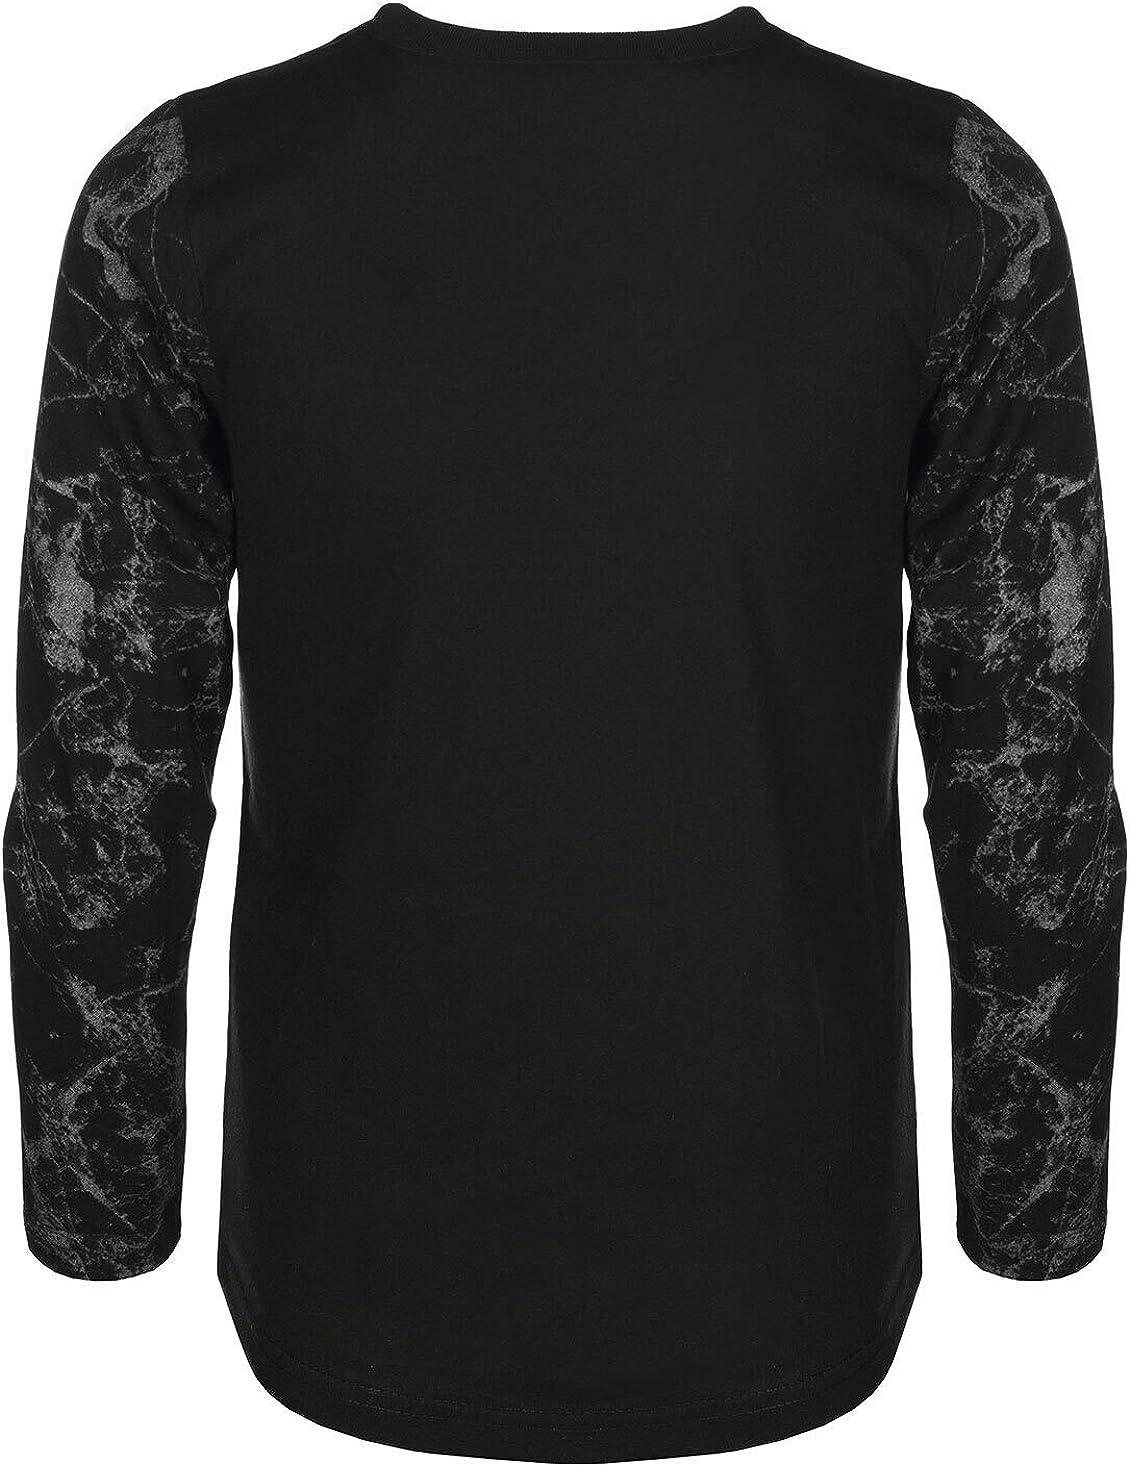 Sweet Junior 30135 T-shirt /à manches longues pour gar/çon